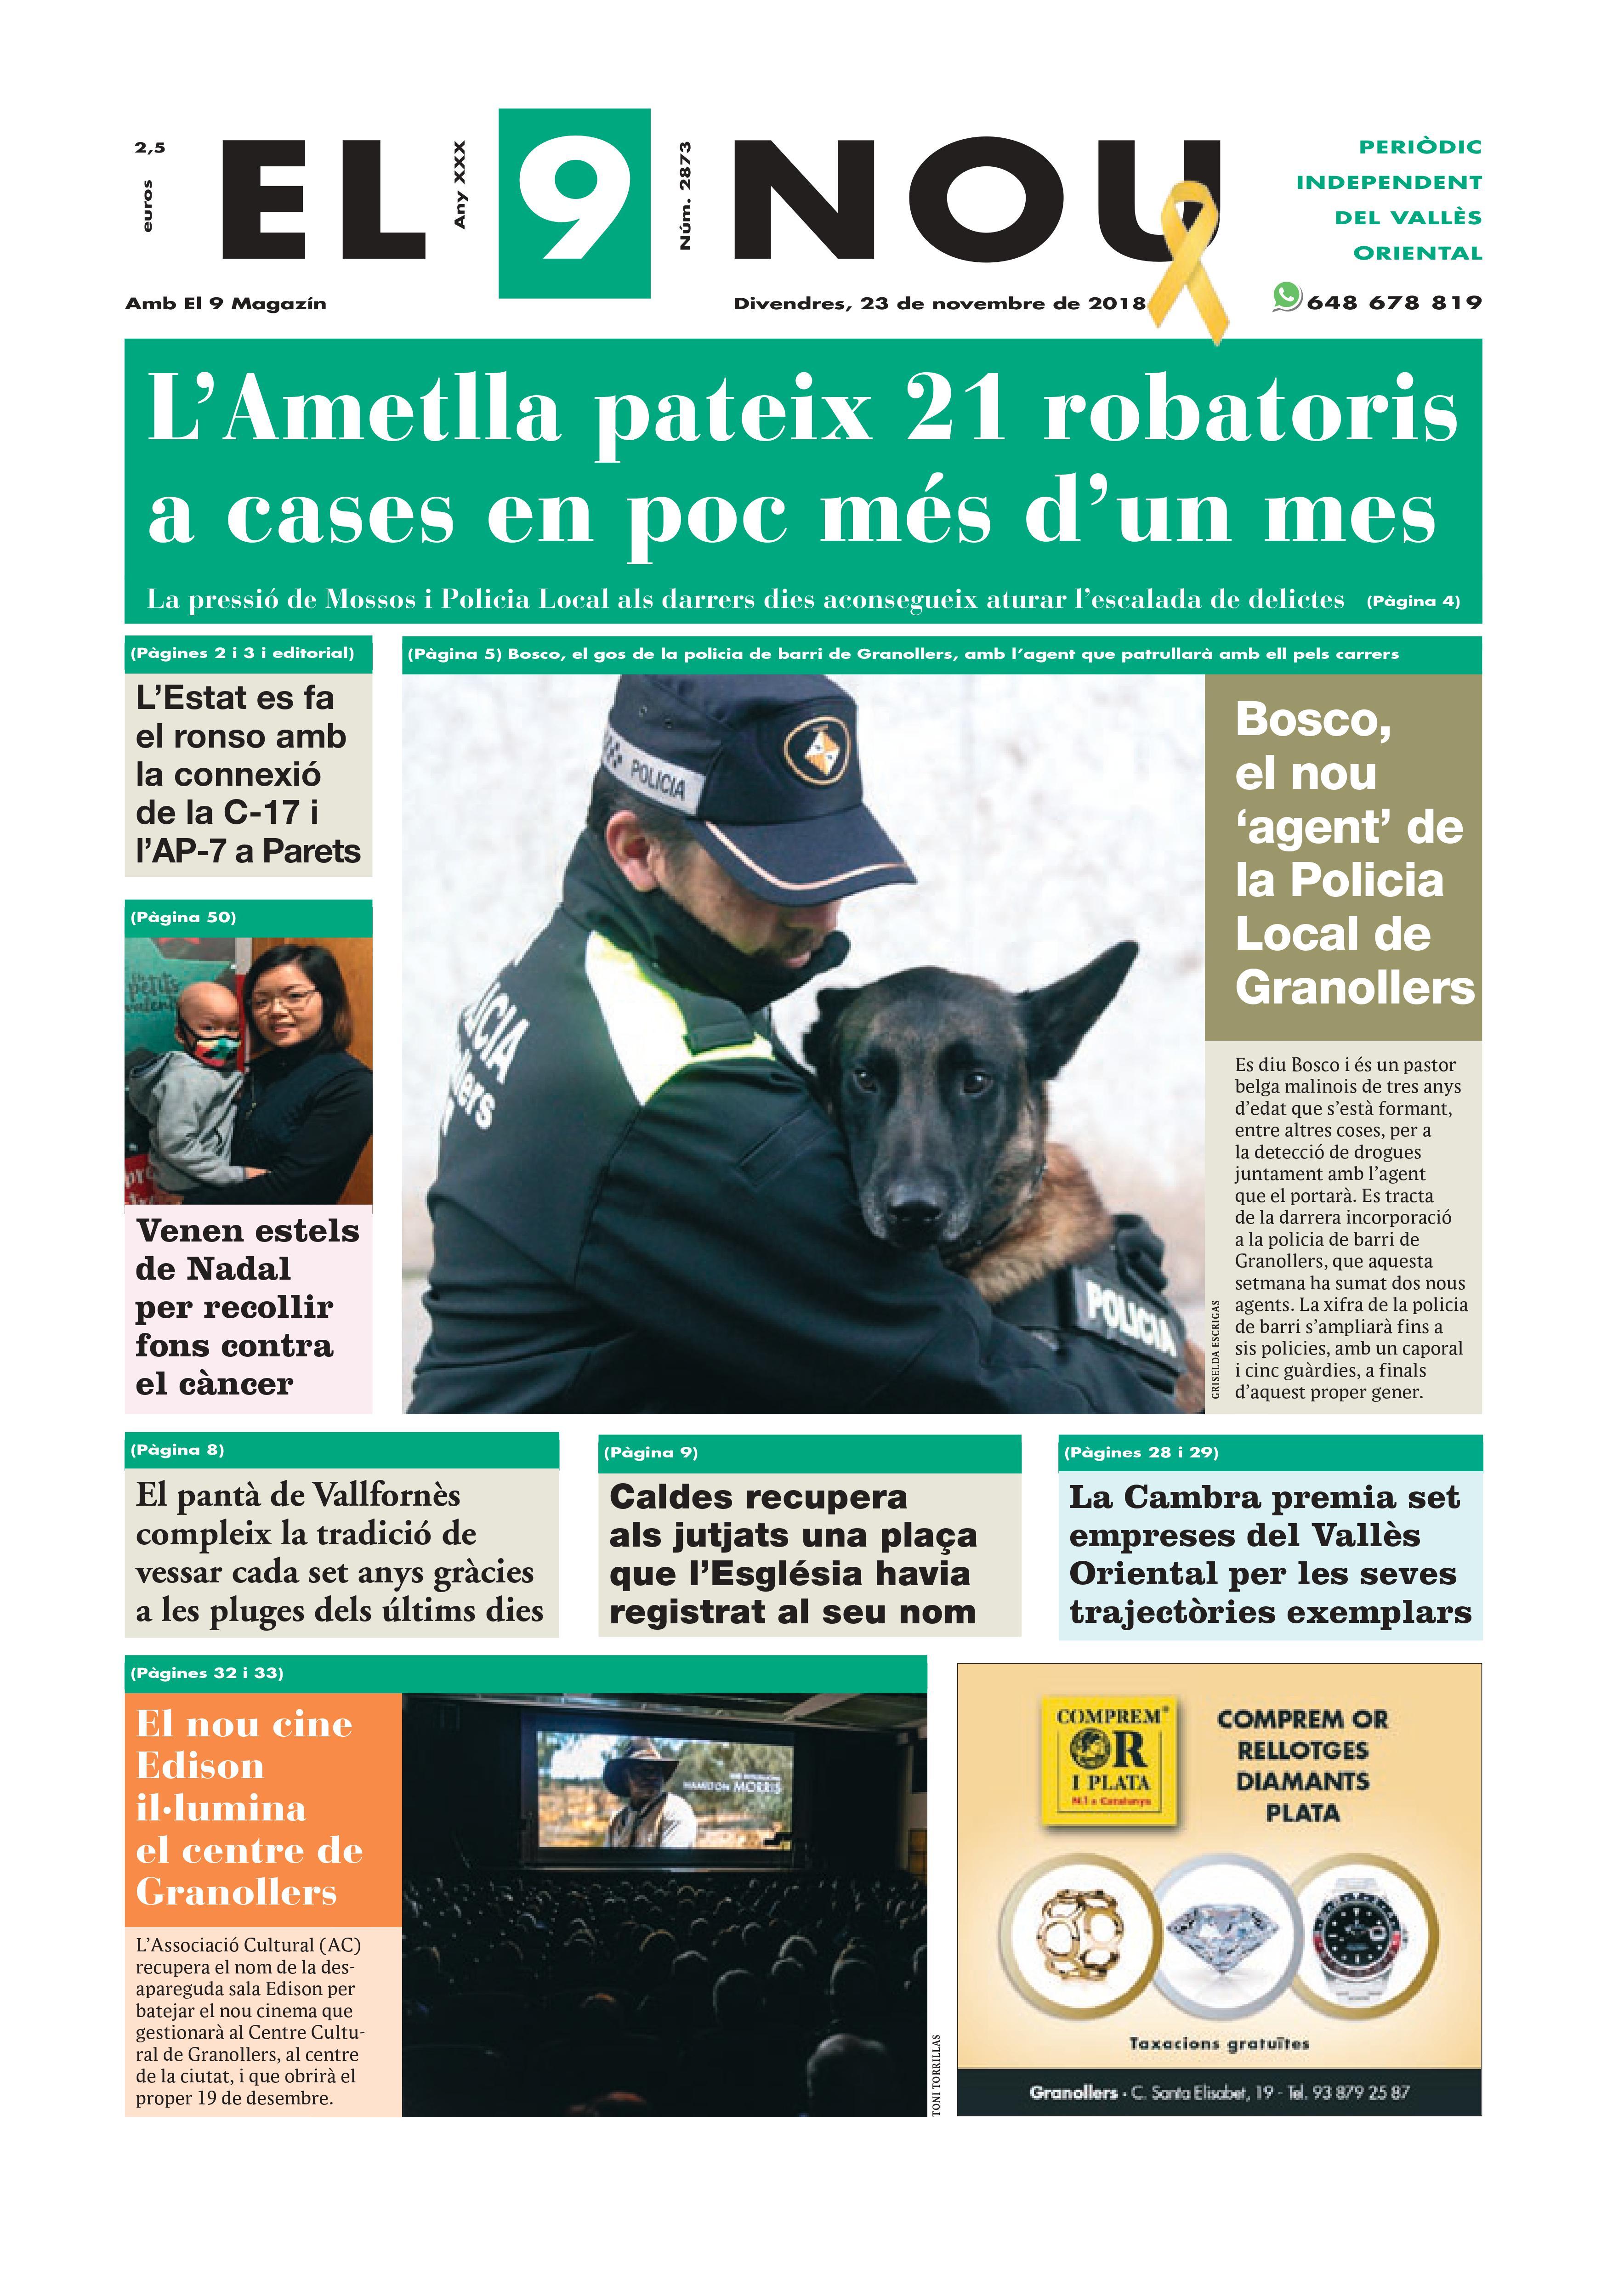 Primera plana EL 9 NOU 23_11_18 Vallès